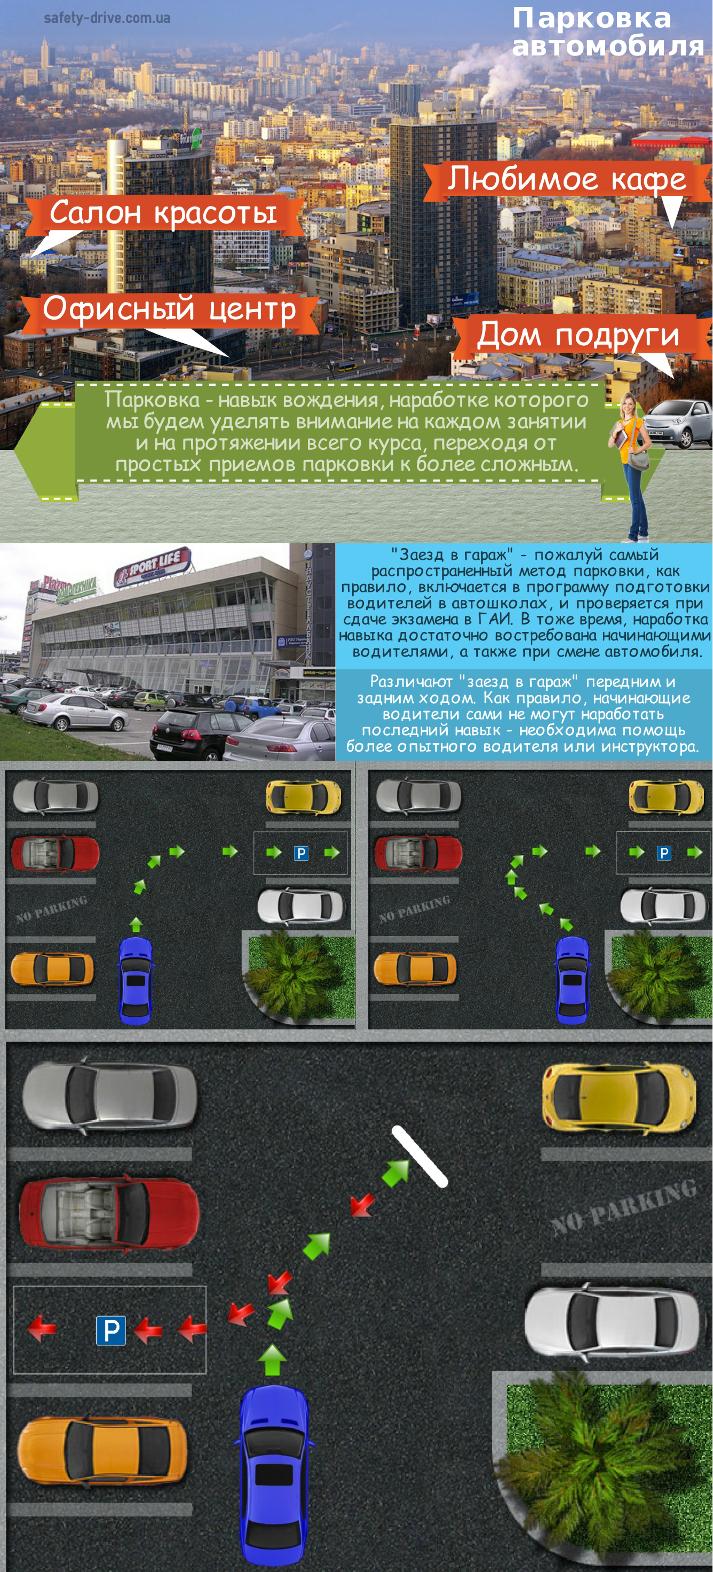 Схема парковки автомобиля для начинающих